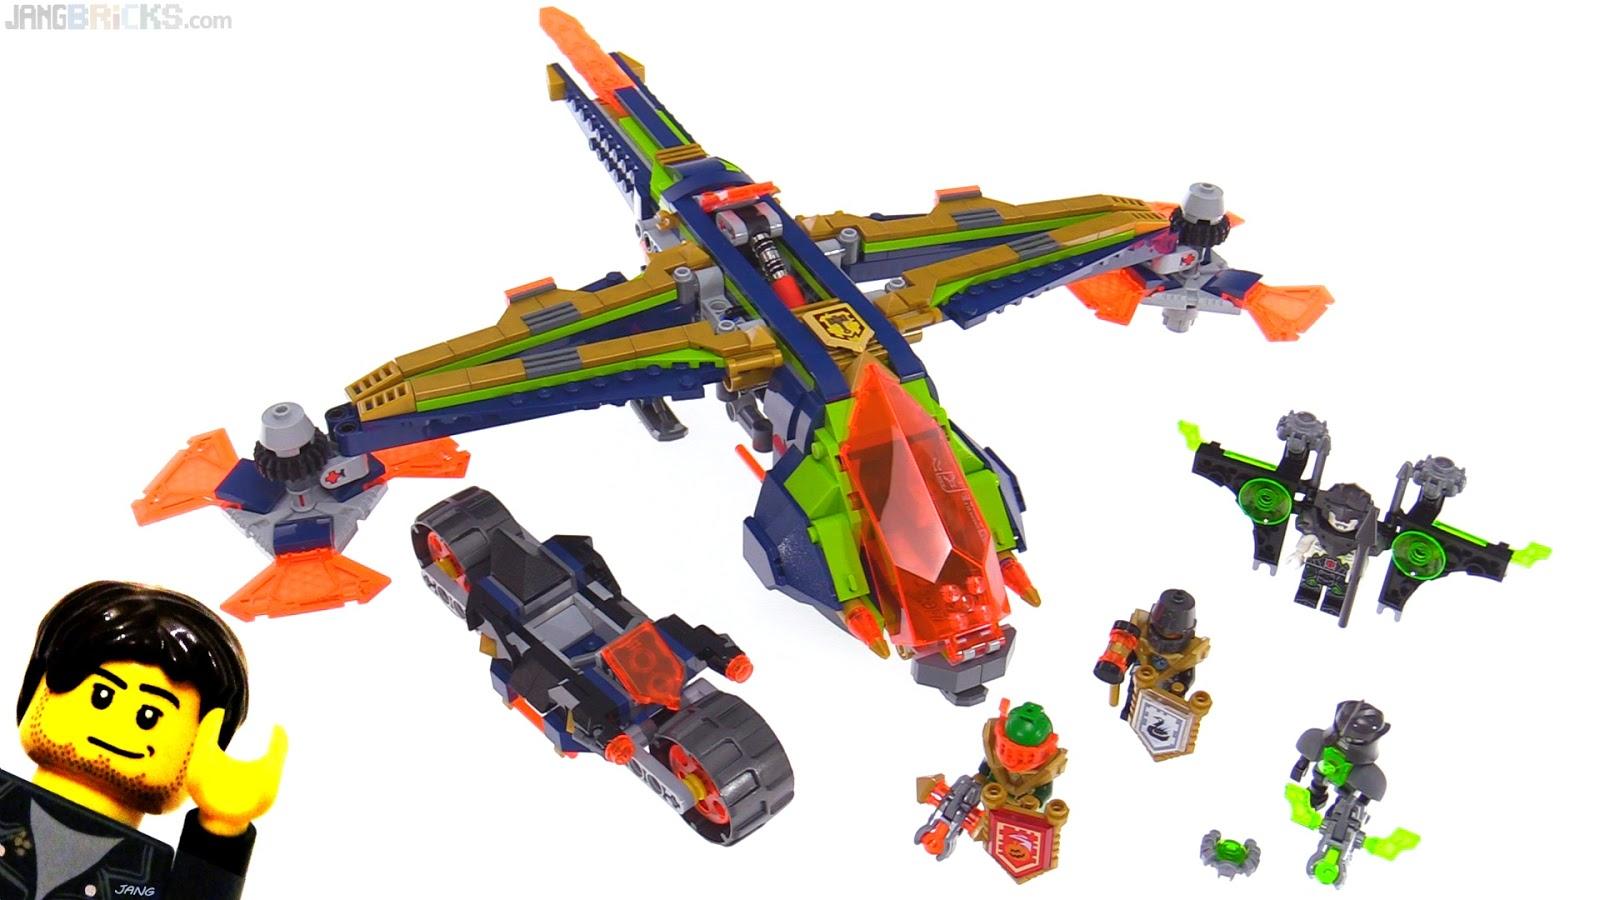 JANGBRiCKS LEGO reviews & MOCs: 2017